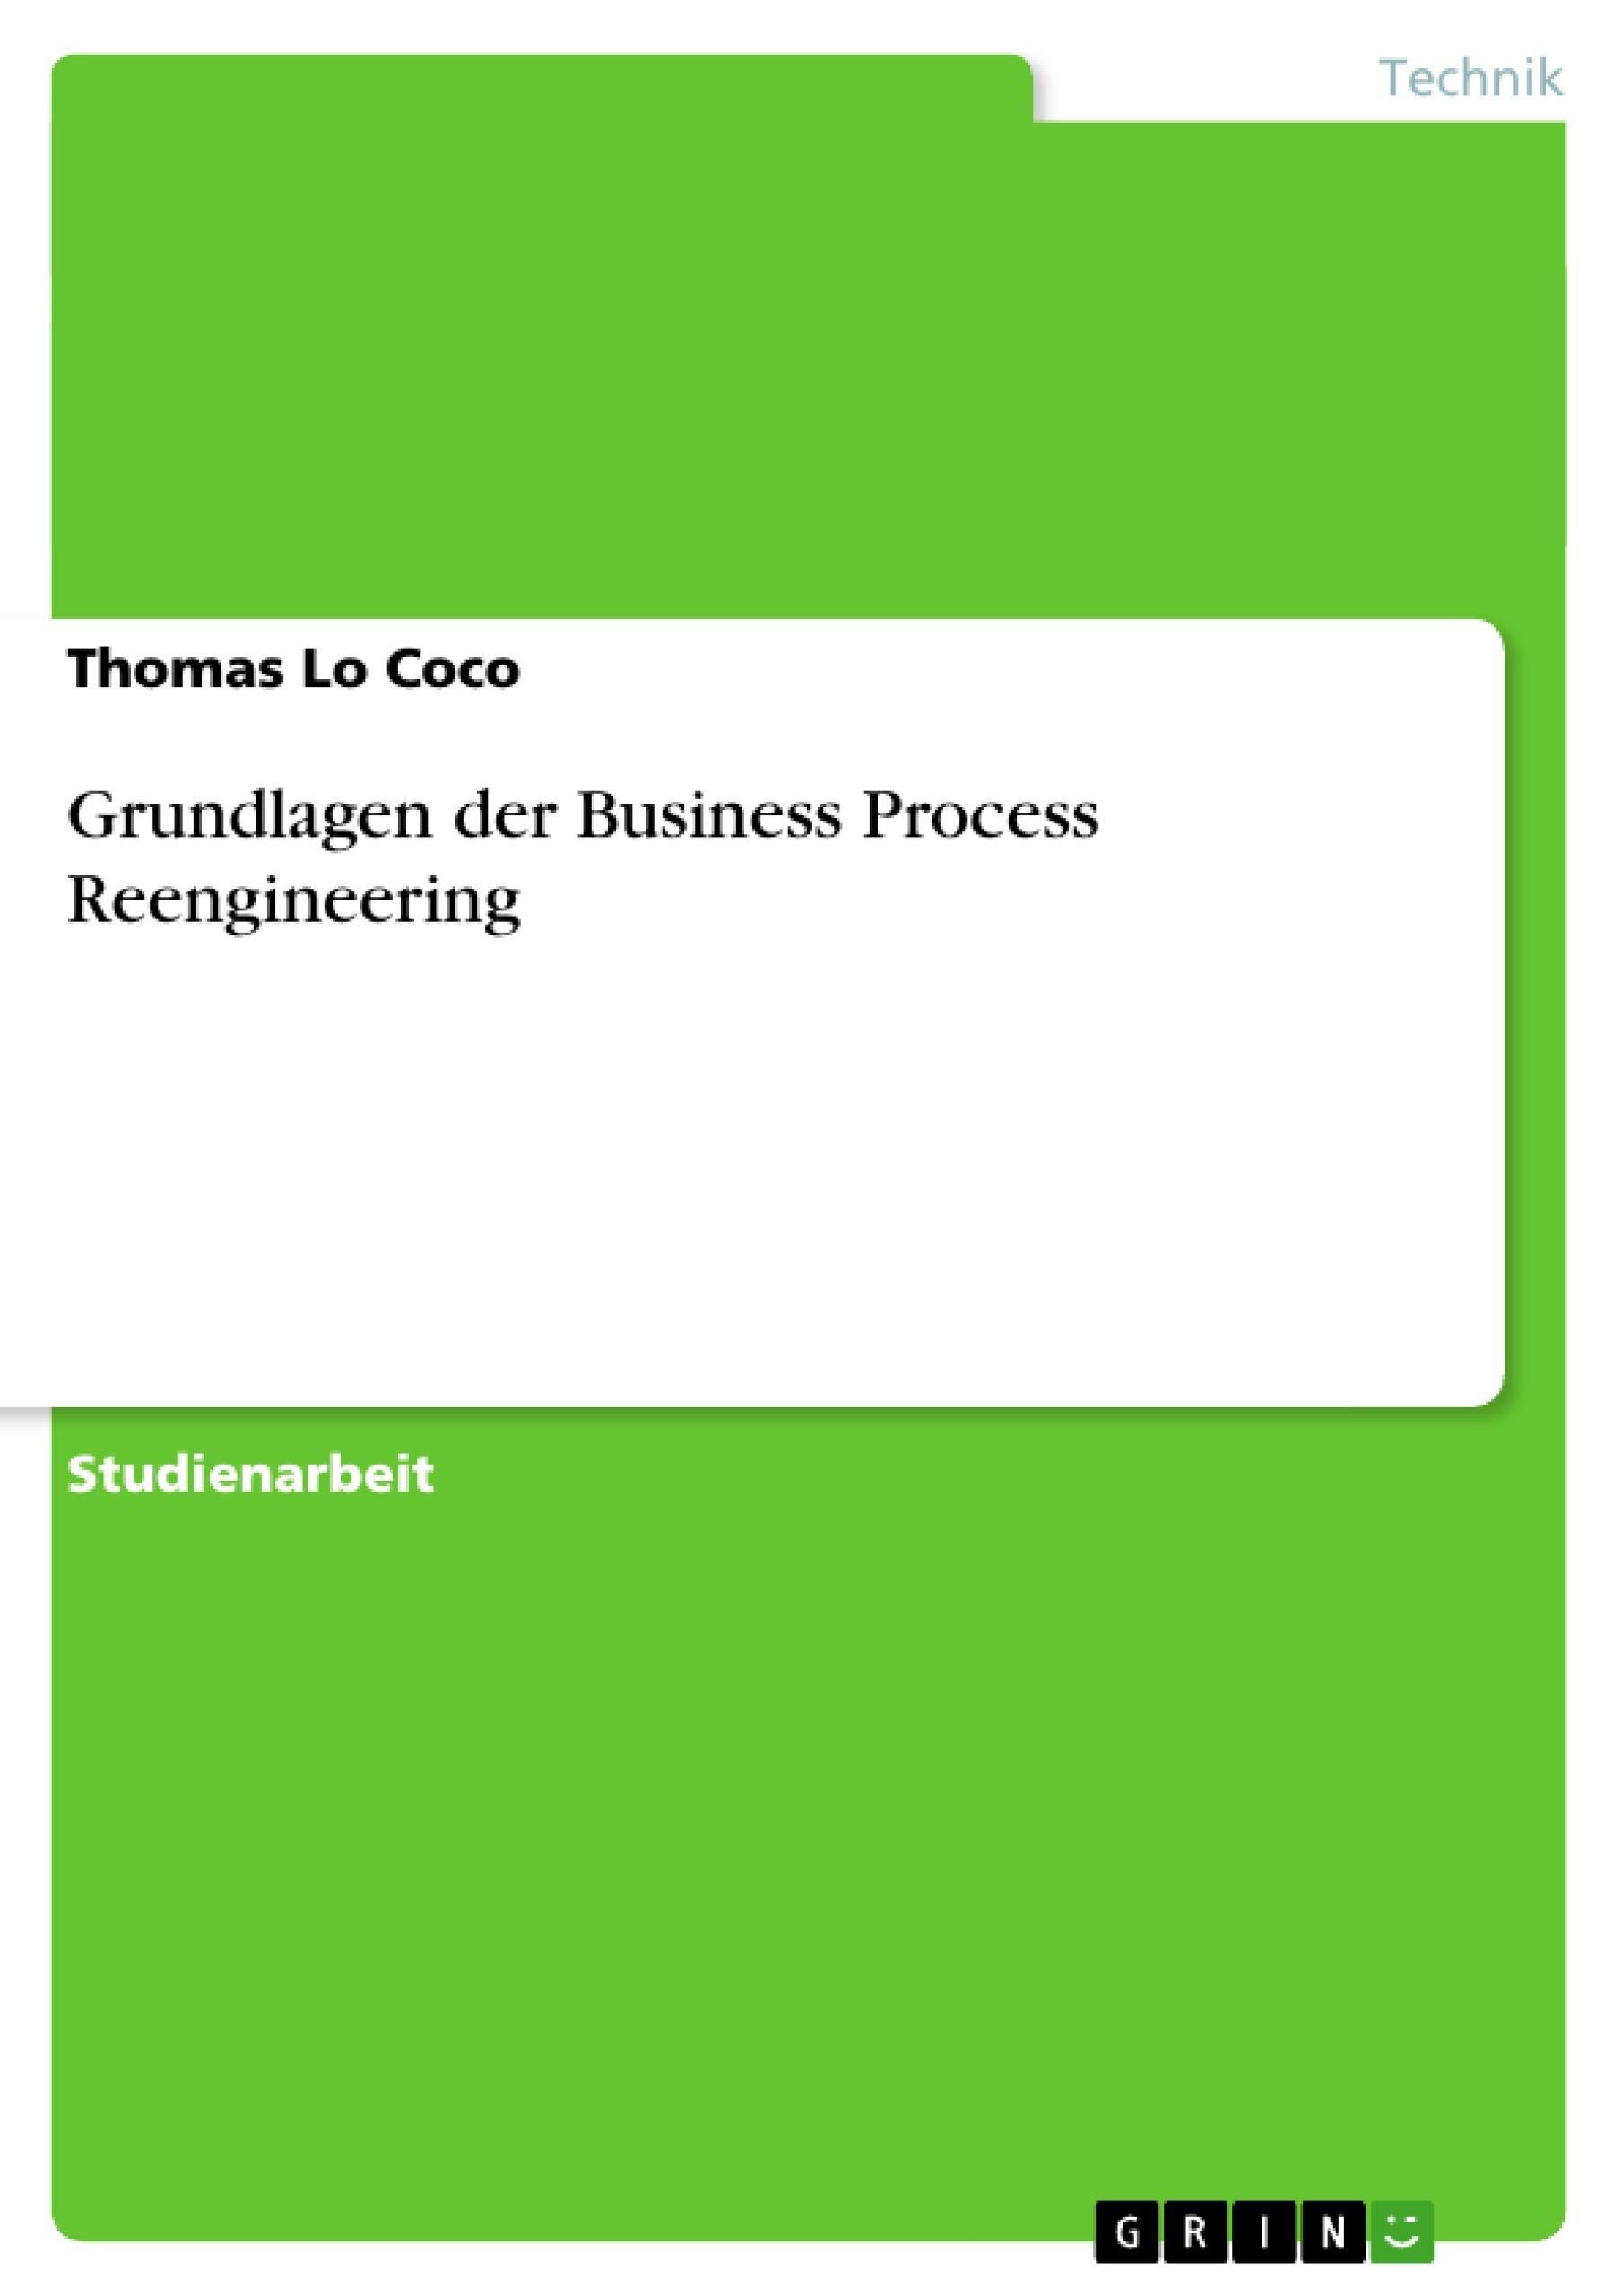 Titel: Grundlagen der Business Process Reengineering